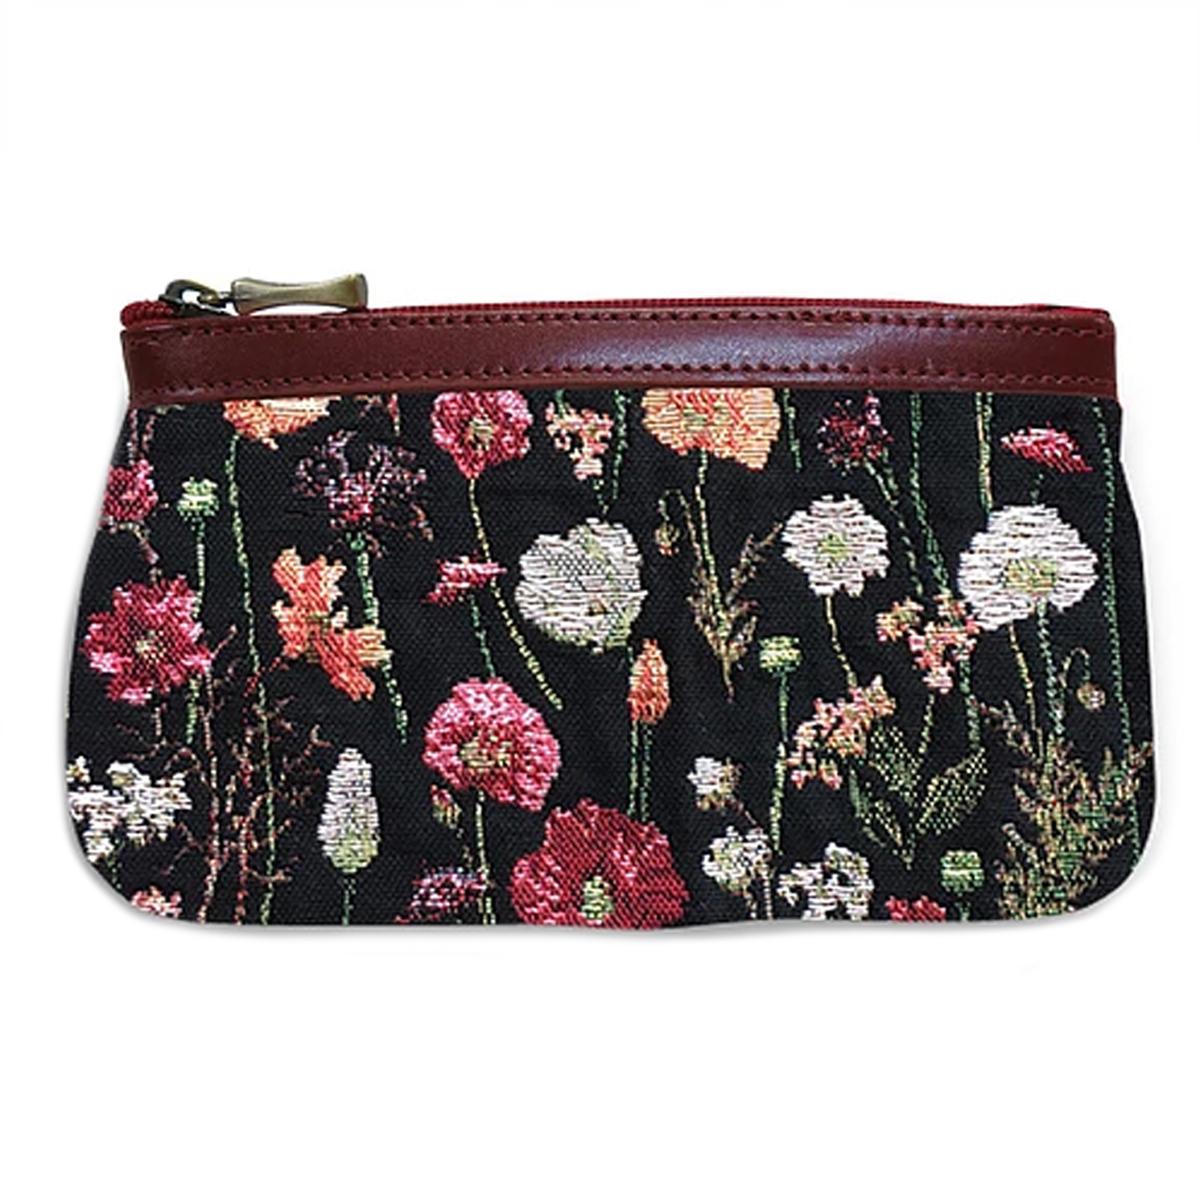 Pochette trousse artisanale \'Royal Tapisserie\' noir multicolore (fleurs en hiver)  - 18x12x3 cm - [Q6385]